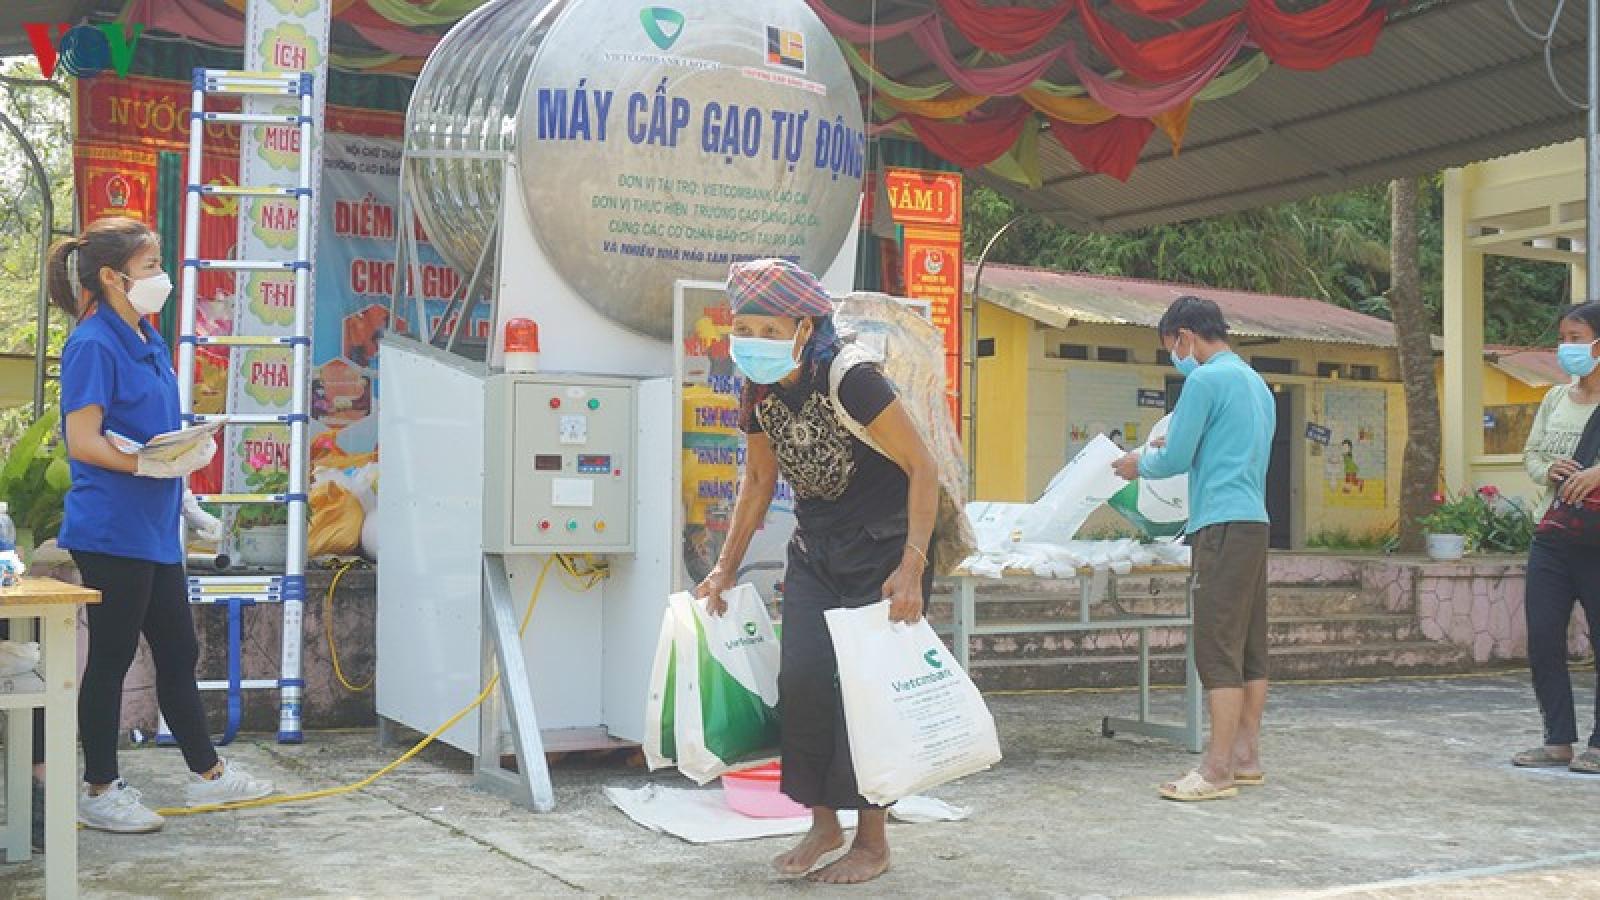 """Ảnh: Hàng trăm đồng bào thiểu số nghèo ở Sa Pa nhận gạo từ """"ATM gạo"""""""